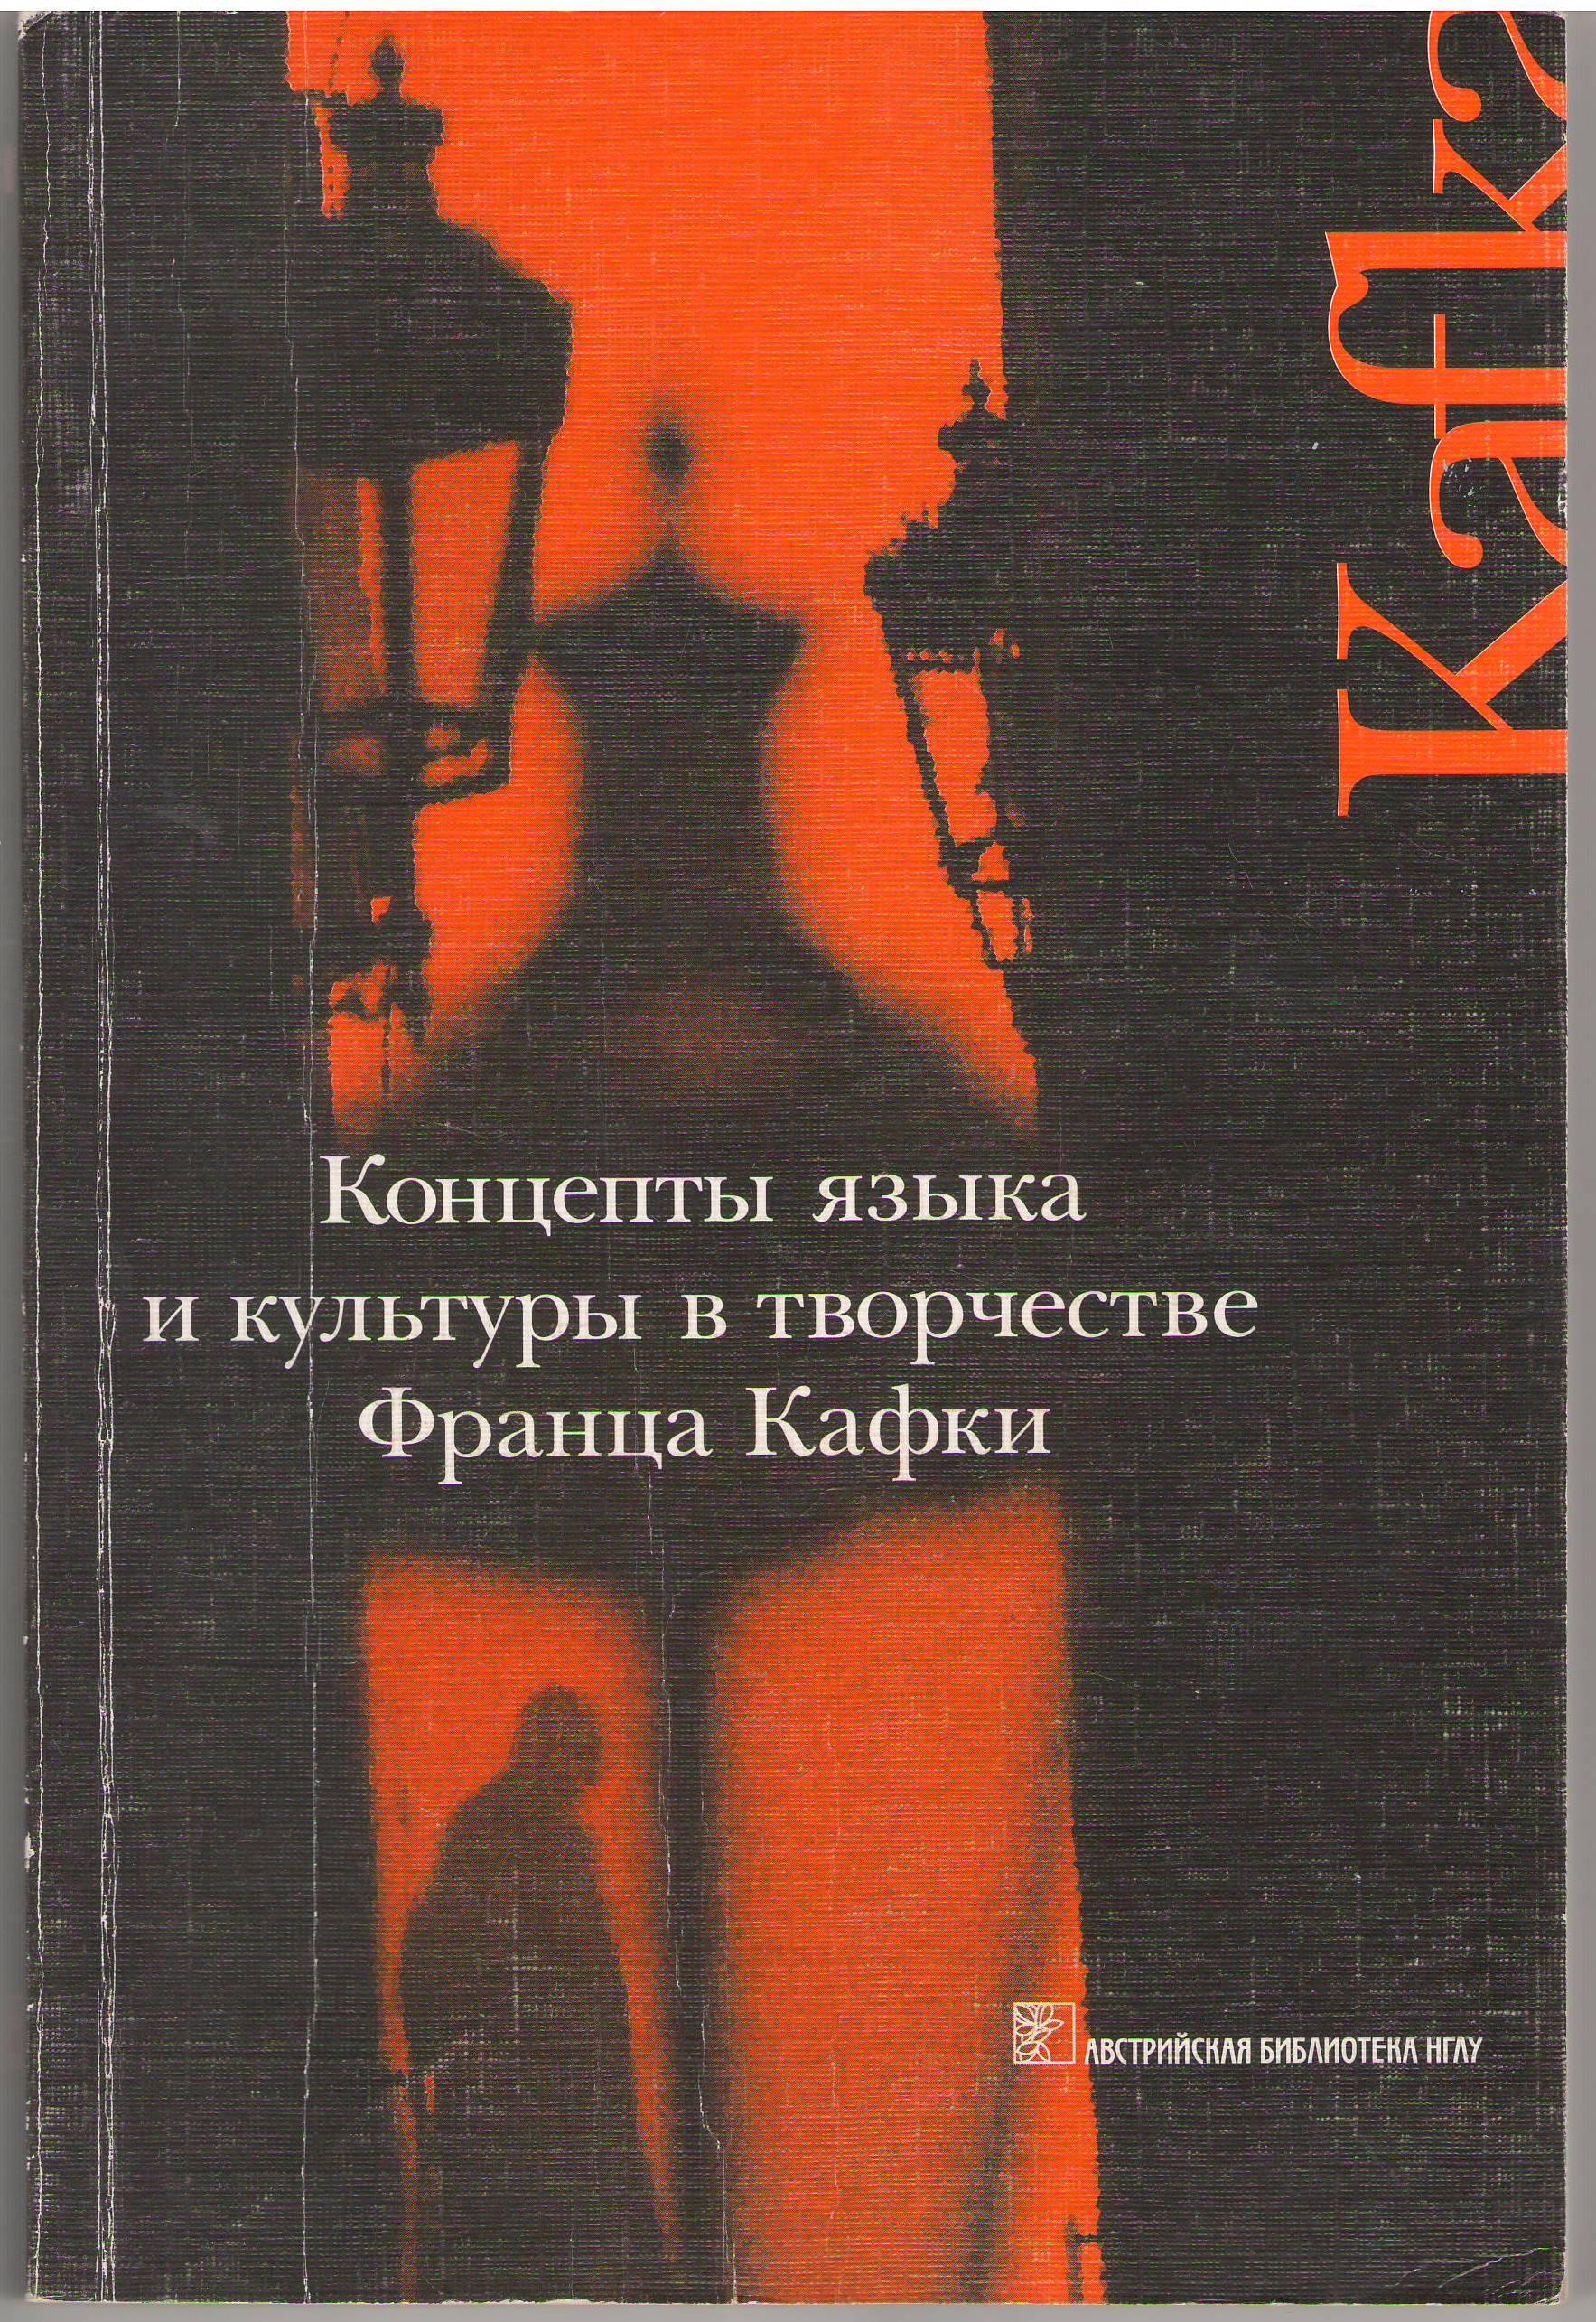 Концепты языка и культуры в творчестве Франца Кафки